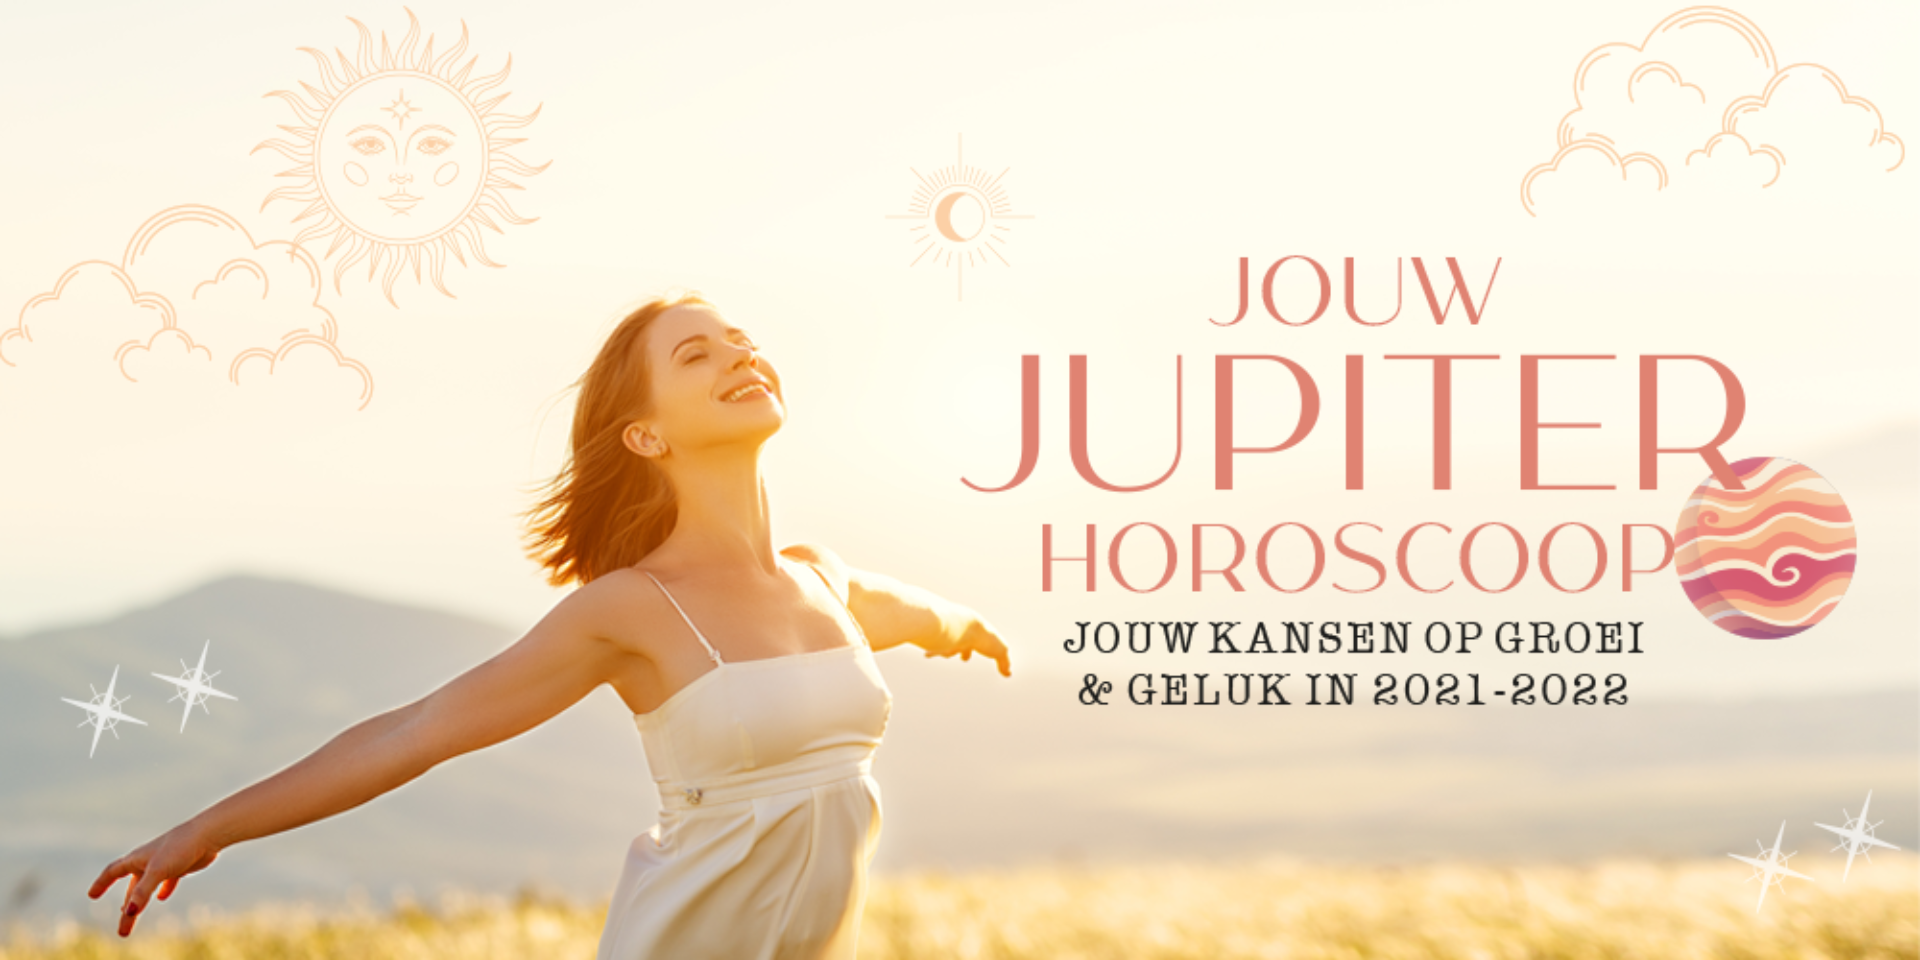 Jupiter Horoscoop: jouw kansen op groei & geluk in 2021 - 2022